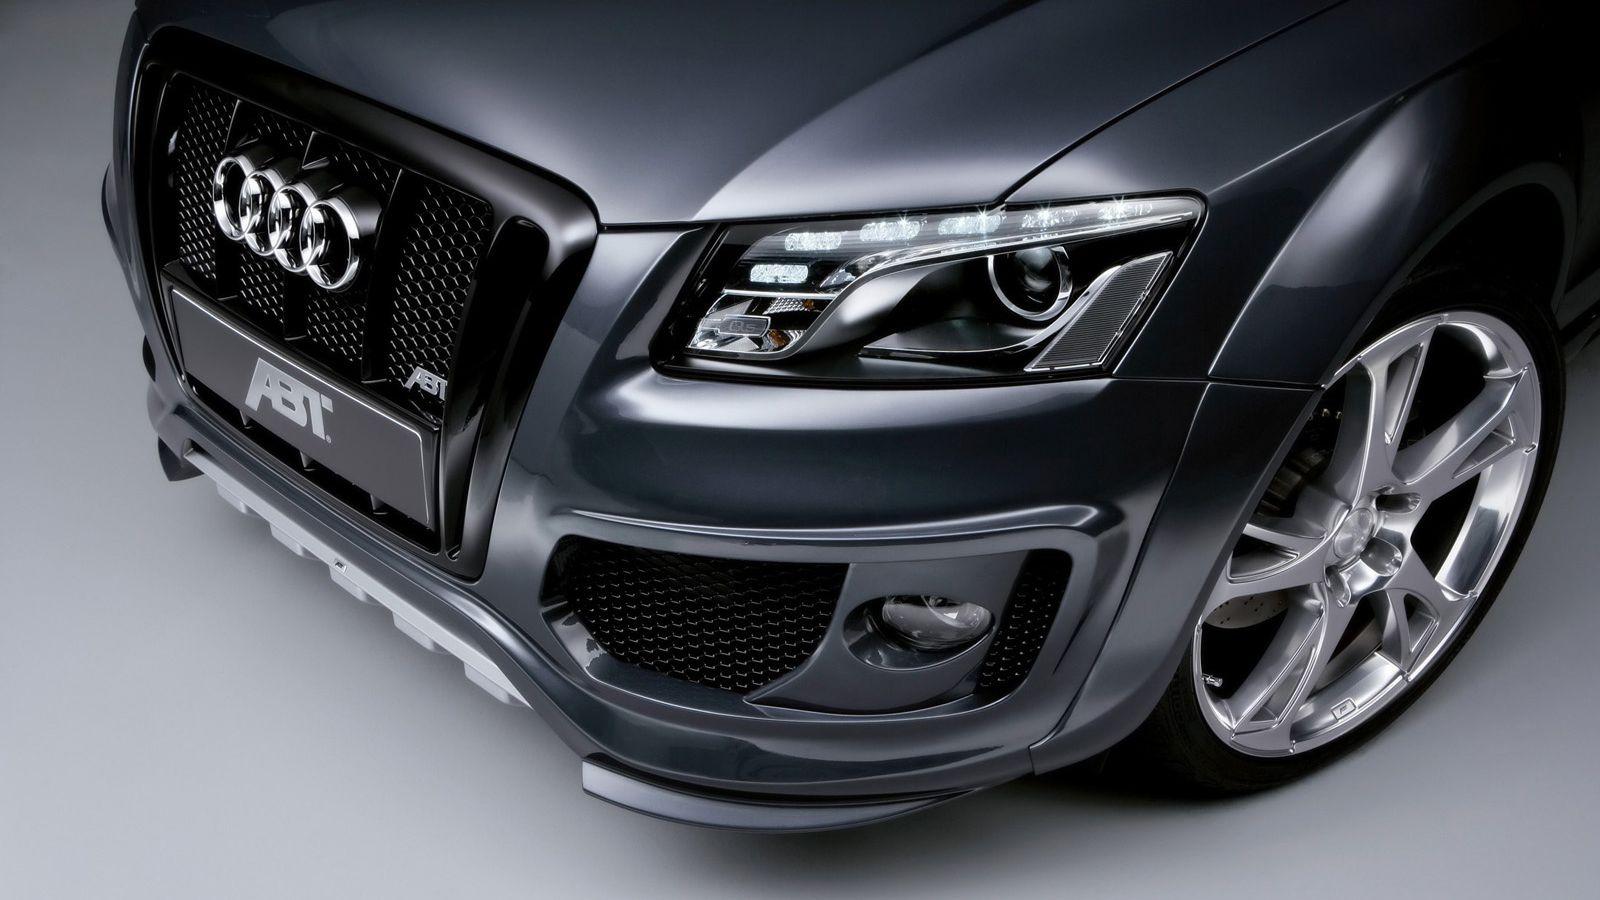 Audi Q5 Headlights 1366x768 Audi Q5 Suv Car Sports Car